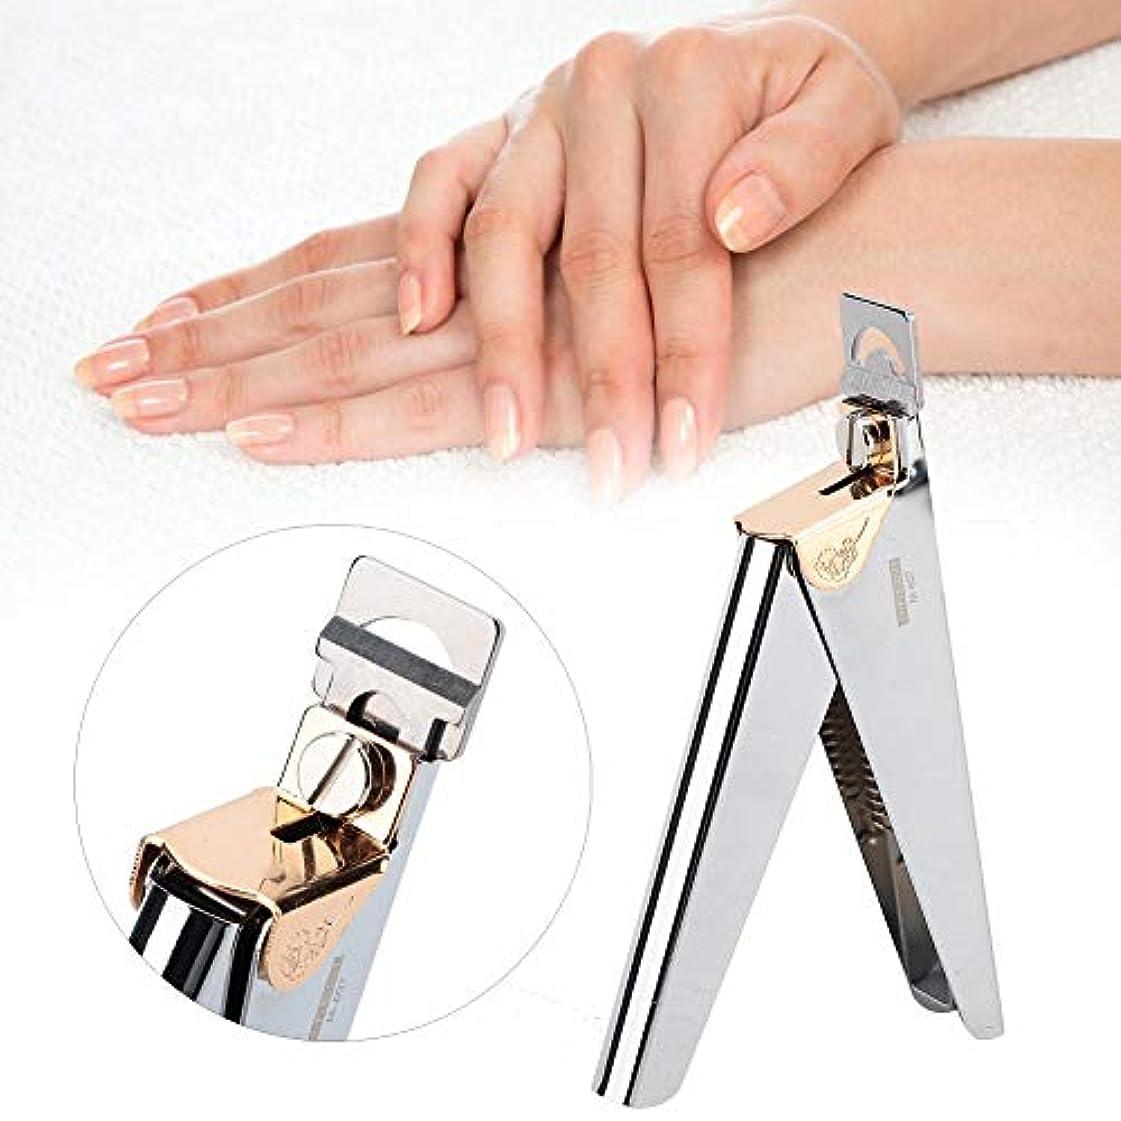 ヤギ望むもつれ指爪 爪ケア ネイルチップクリッパーカッター フランス式 プロ U字型ネイルアートクリッパーはさみ - マニキュア偽ネイルチップカッター - ステンレス鋼